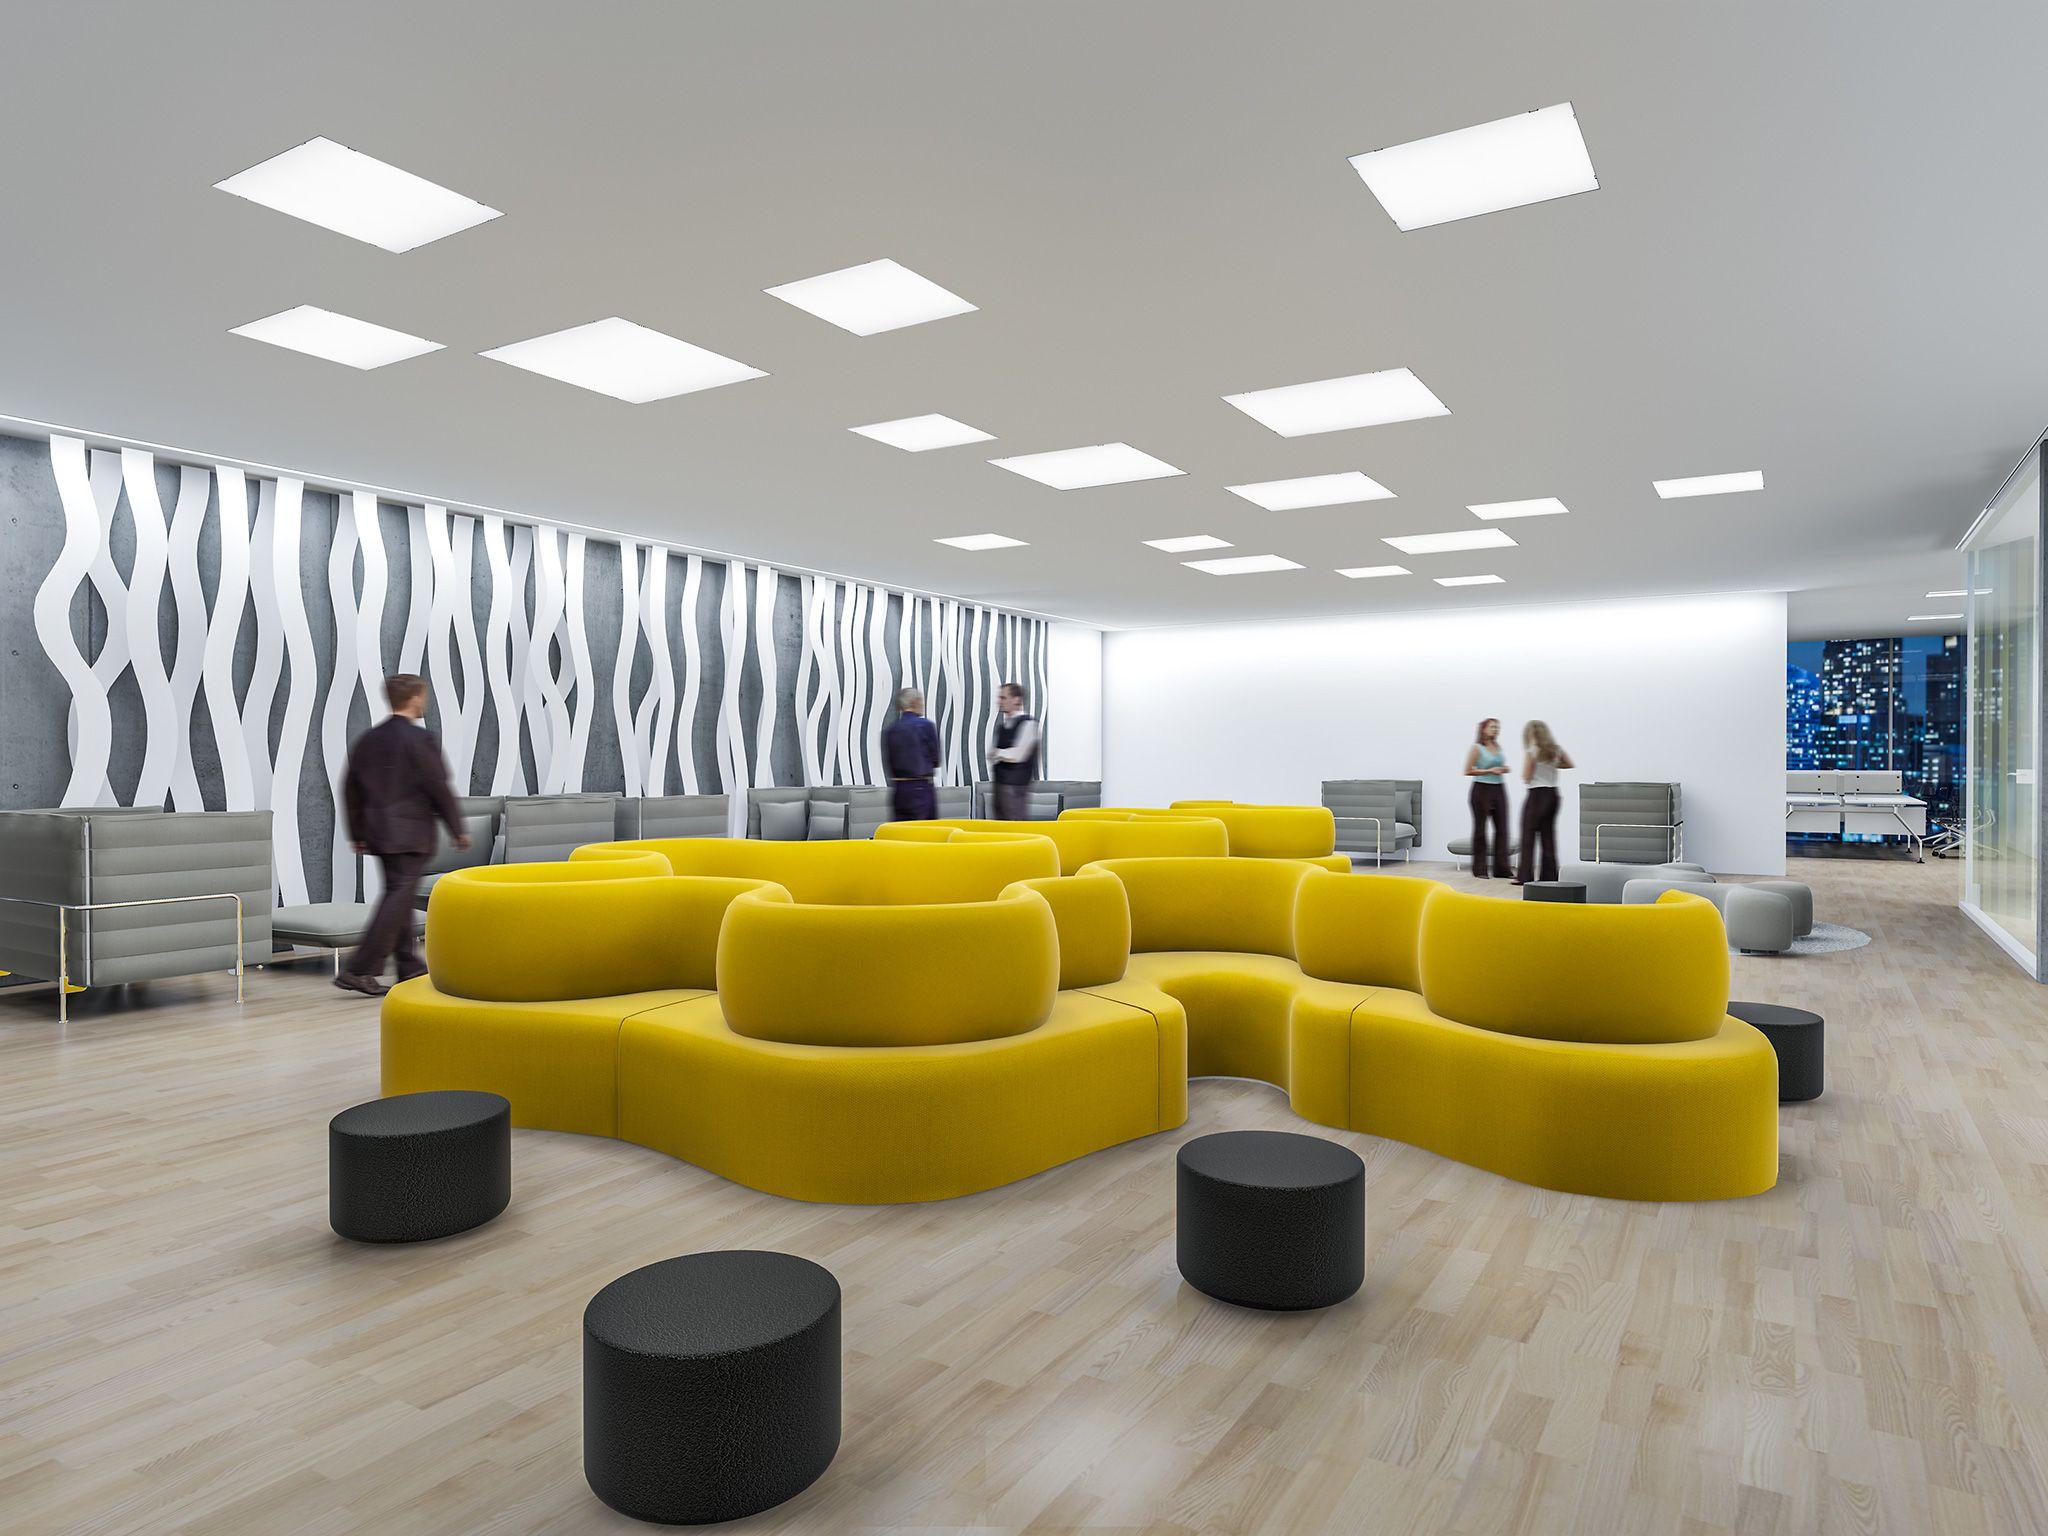 Das Beste Licht Fur Buros Zumtobel Raumgestaltung Inneneinrichtung Mobeldesign